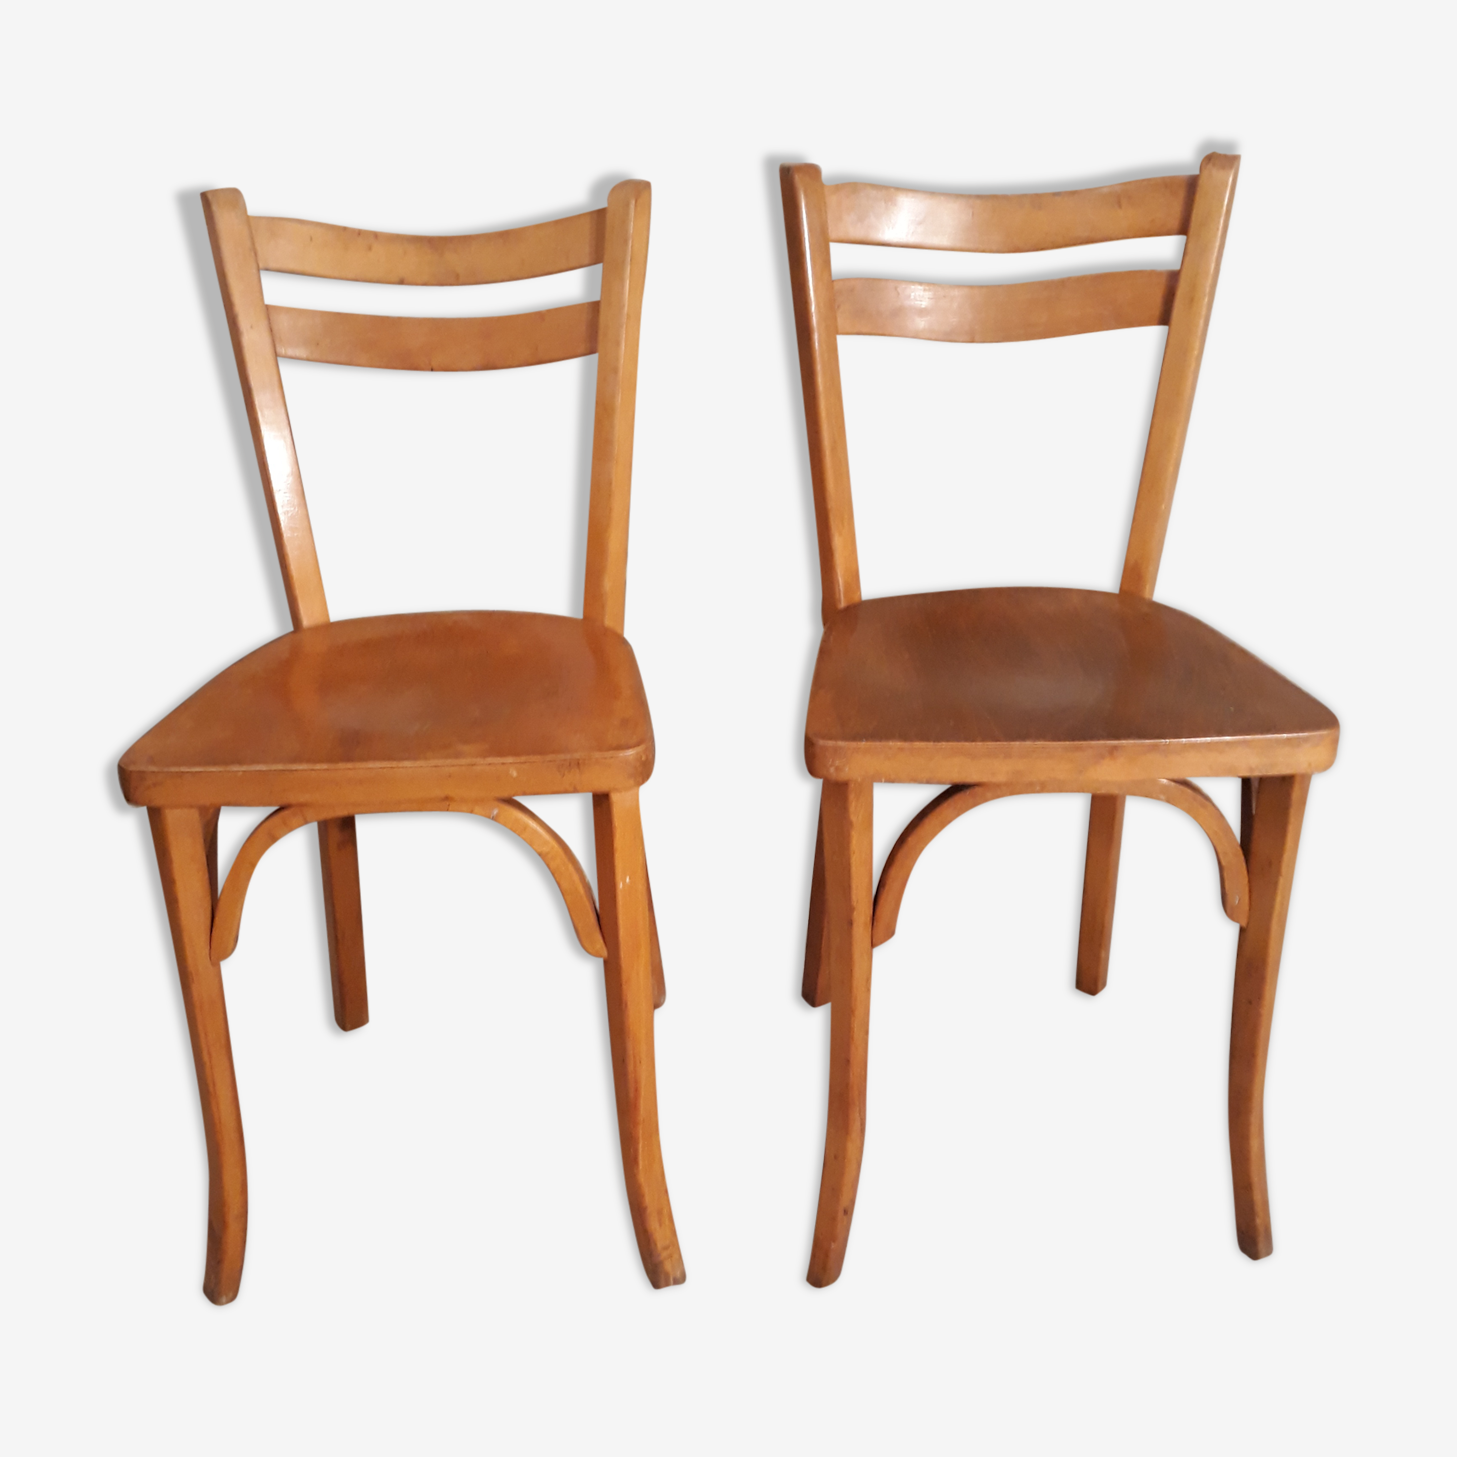 Chaises bistrot 1960 Baumann hêtre clair n°19